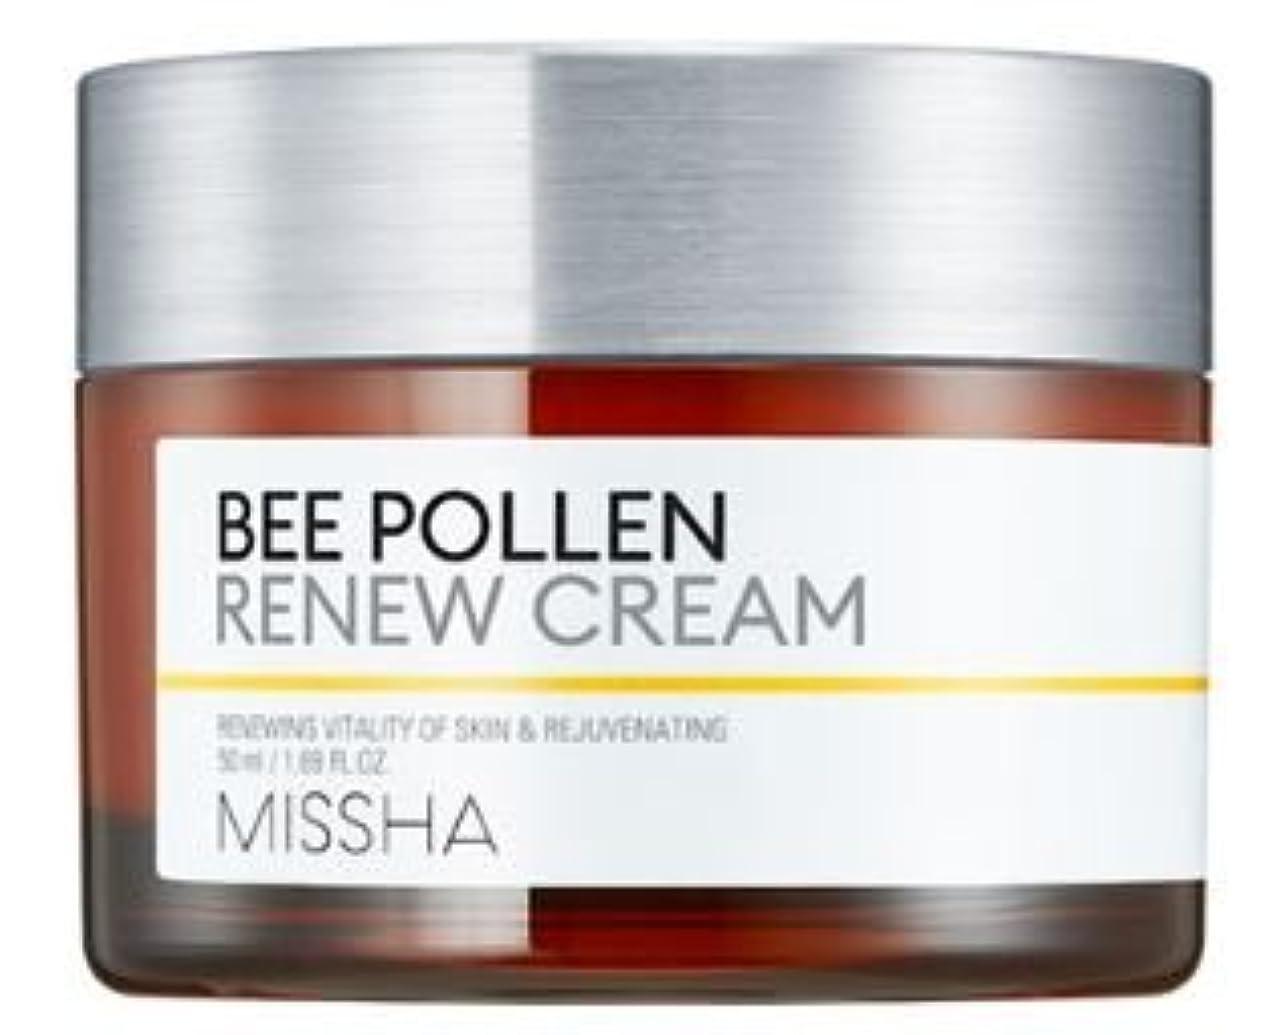 デマンドかなりのニュージーランド[Missha] Bee Pollen Renew Cream 50ml/[ミシャ] ビーポレンリニュークリーム50ml [並行輸入品]